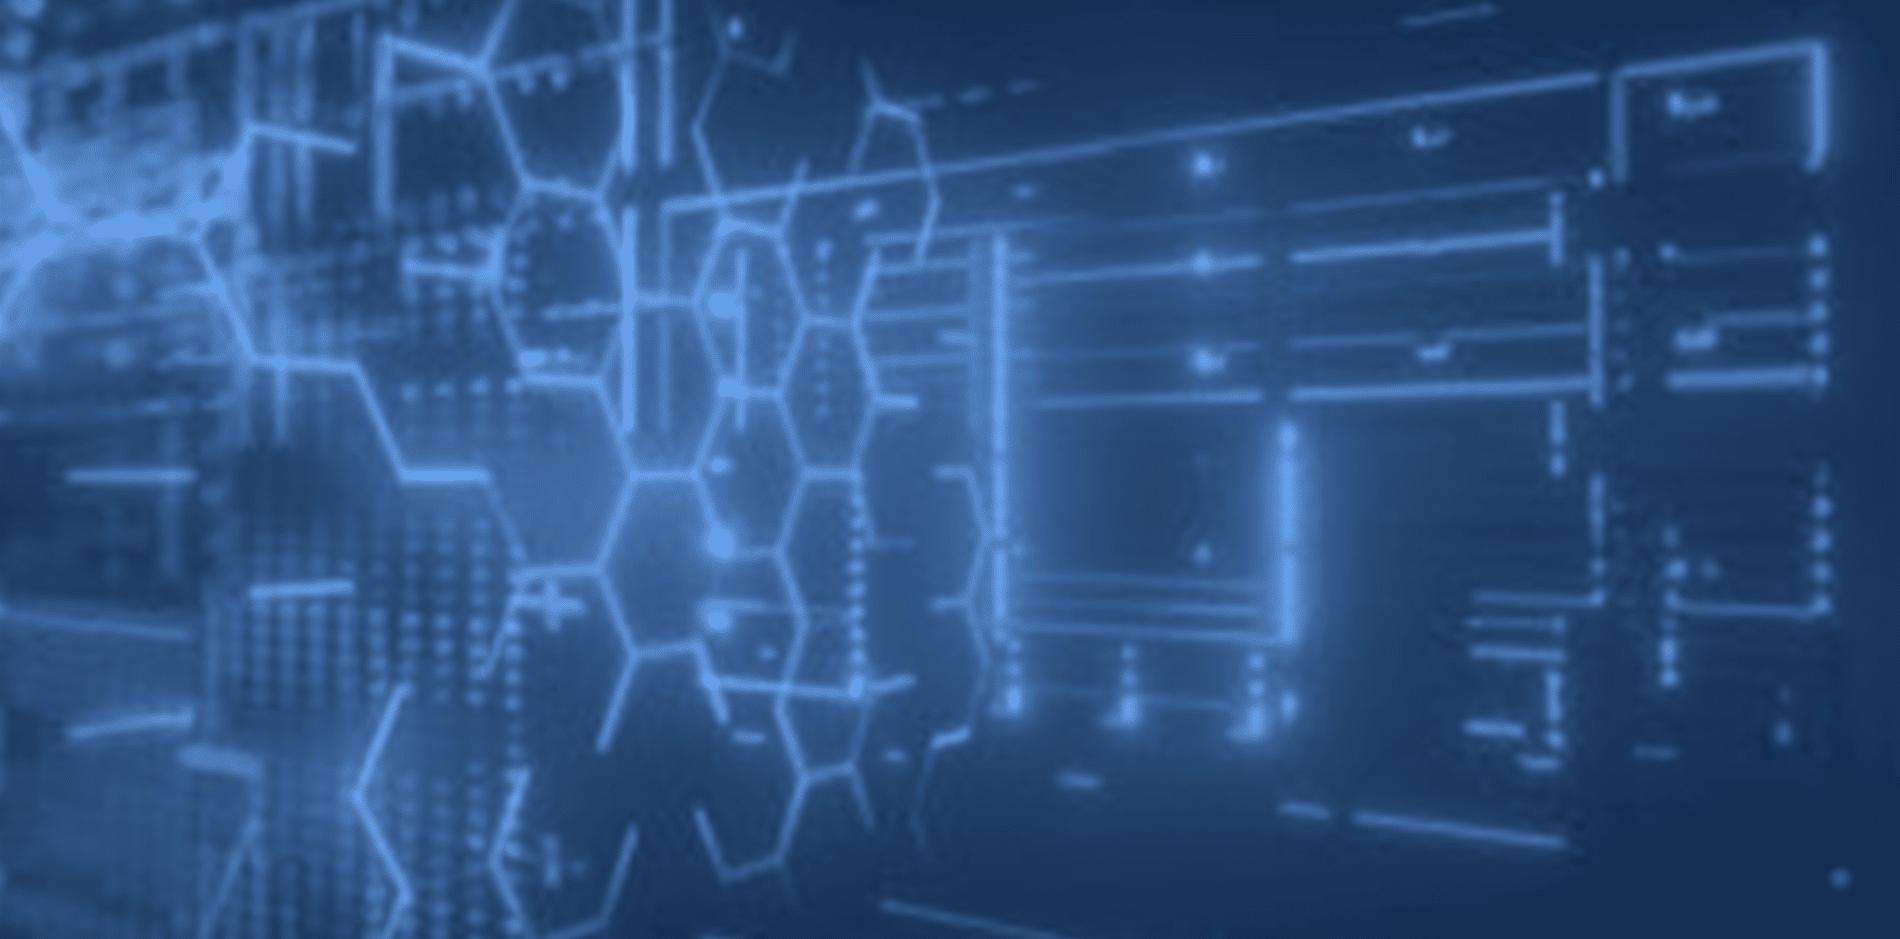 Blog tous unis contre la cybermenace afte trsutpair